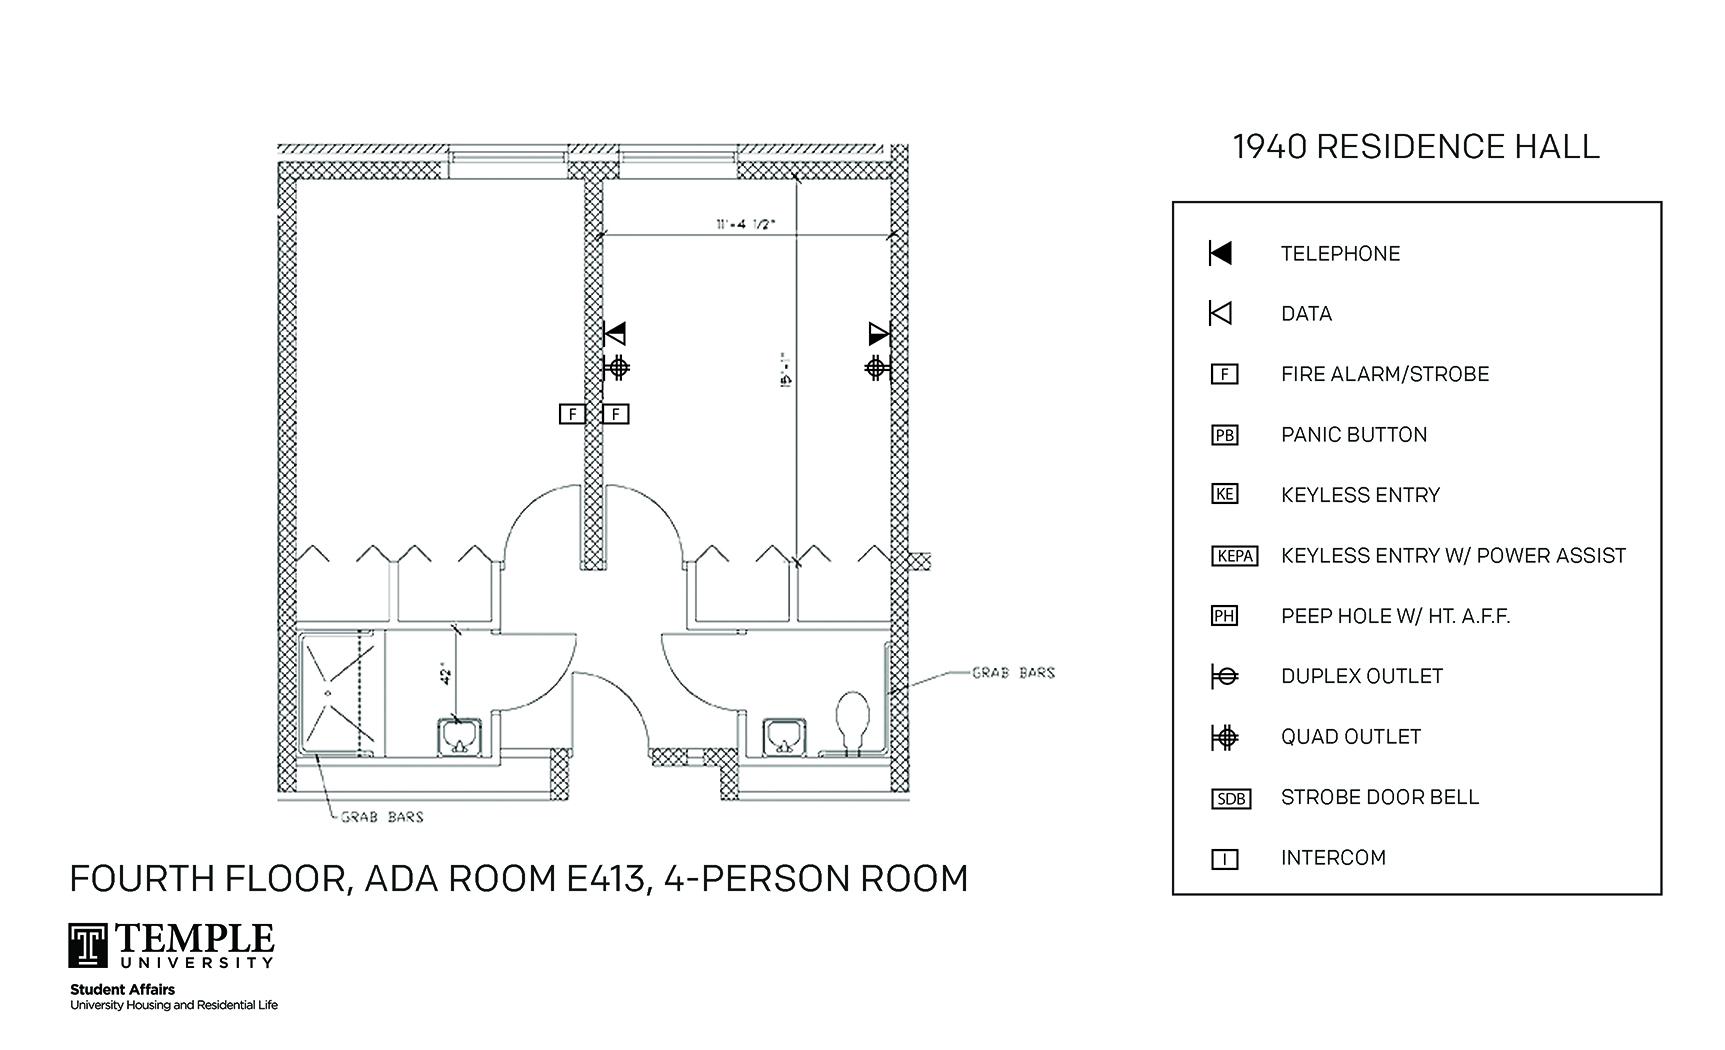 Accessible Room Diagrams: 4 person, 2 bedroom Suite - E413